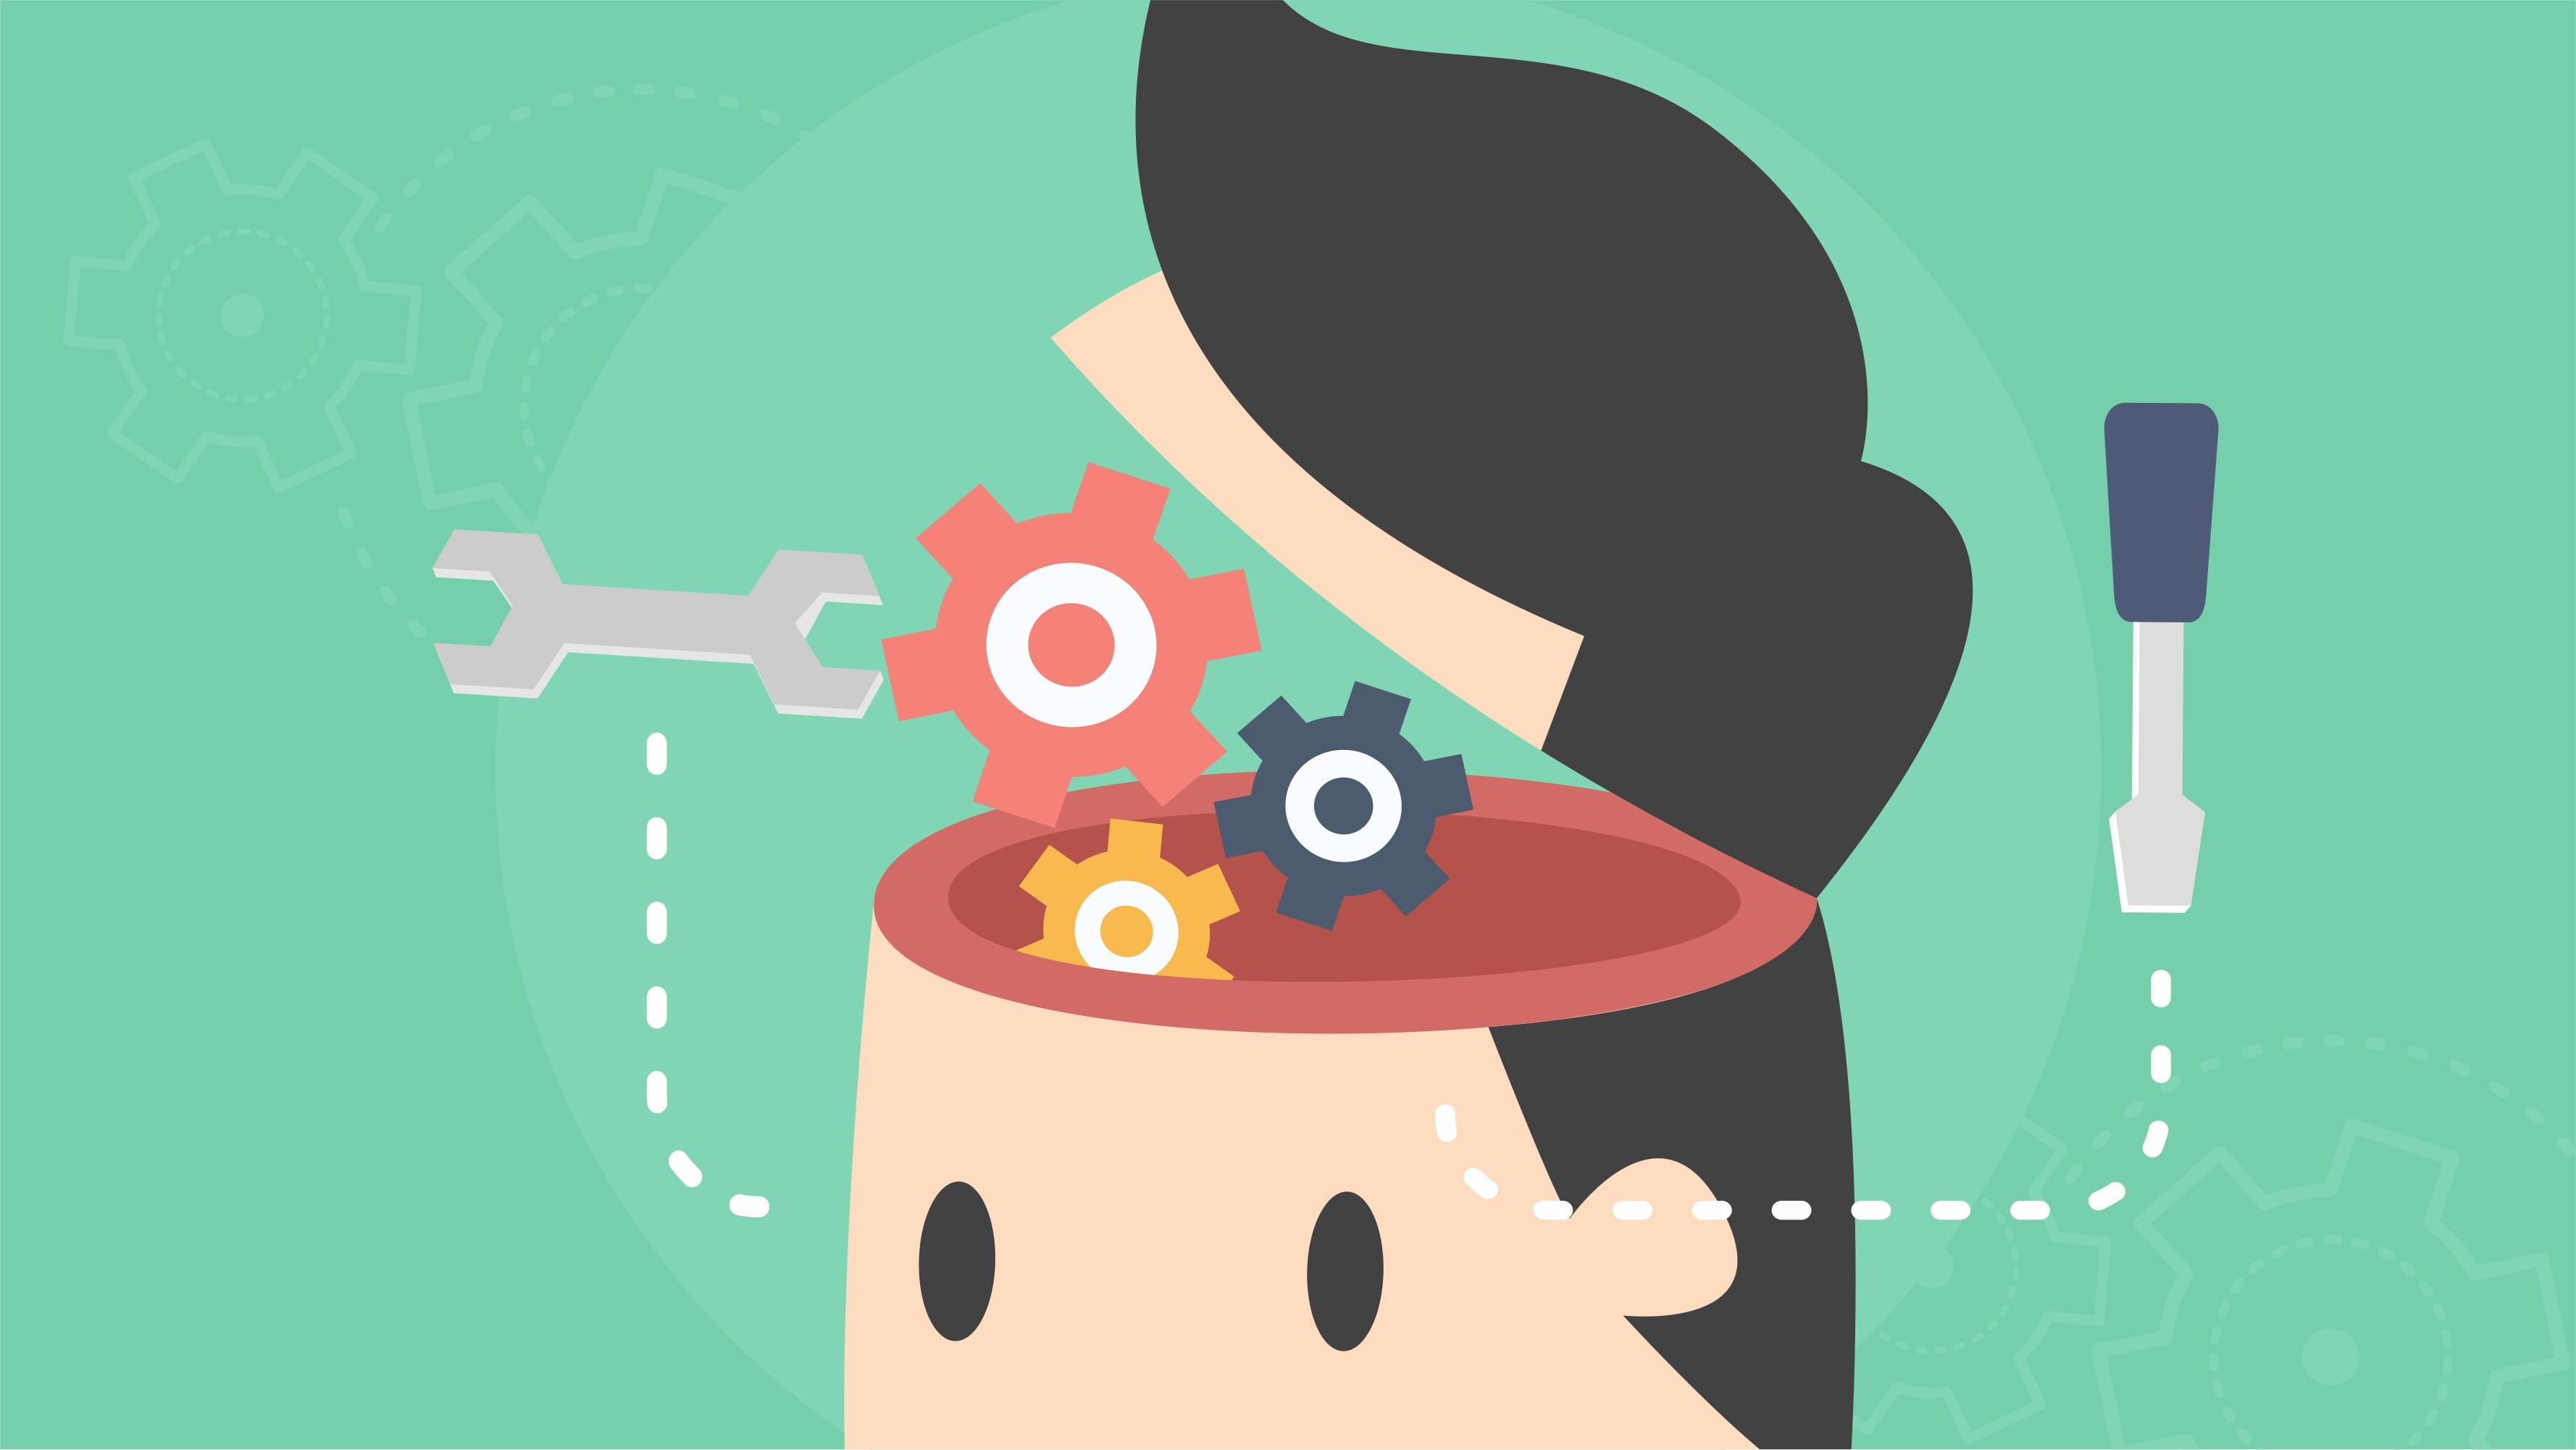 Imagem Mindset: Estratégia 1 para sua empresa crescer na crise econômica